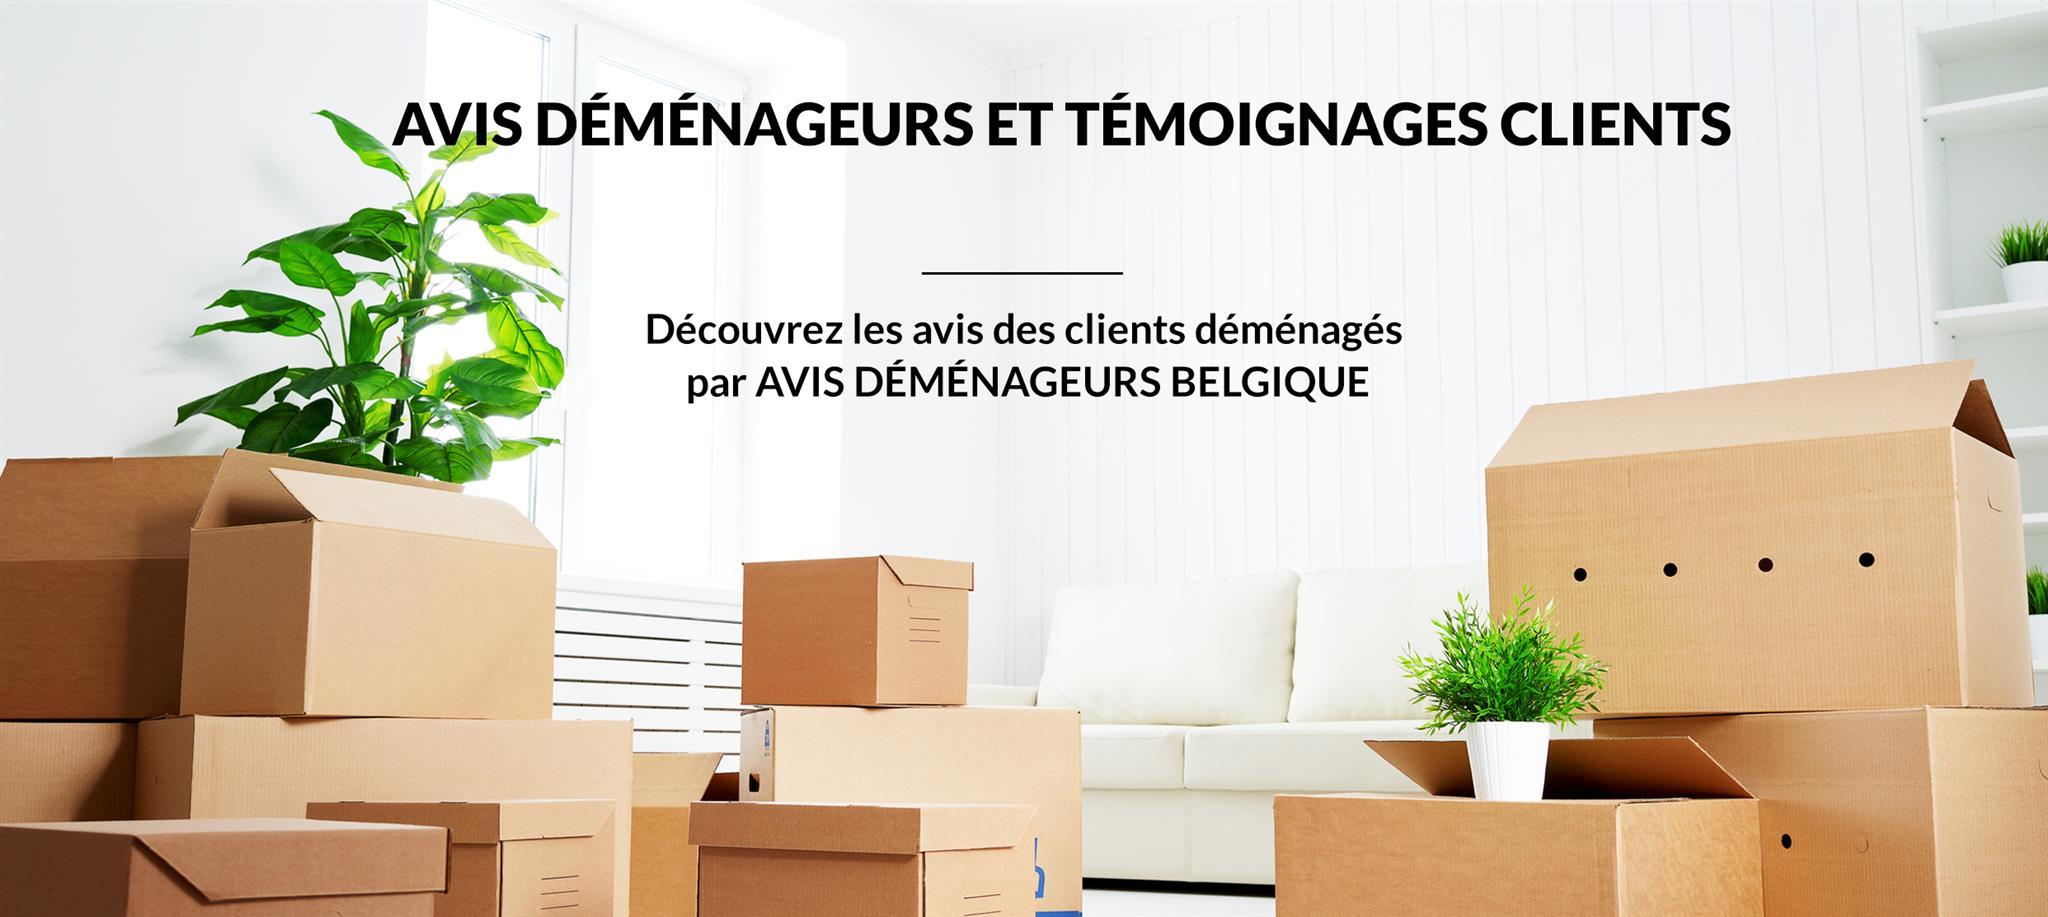 Avis déménageurs belgique